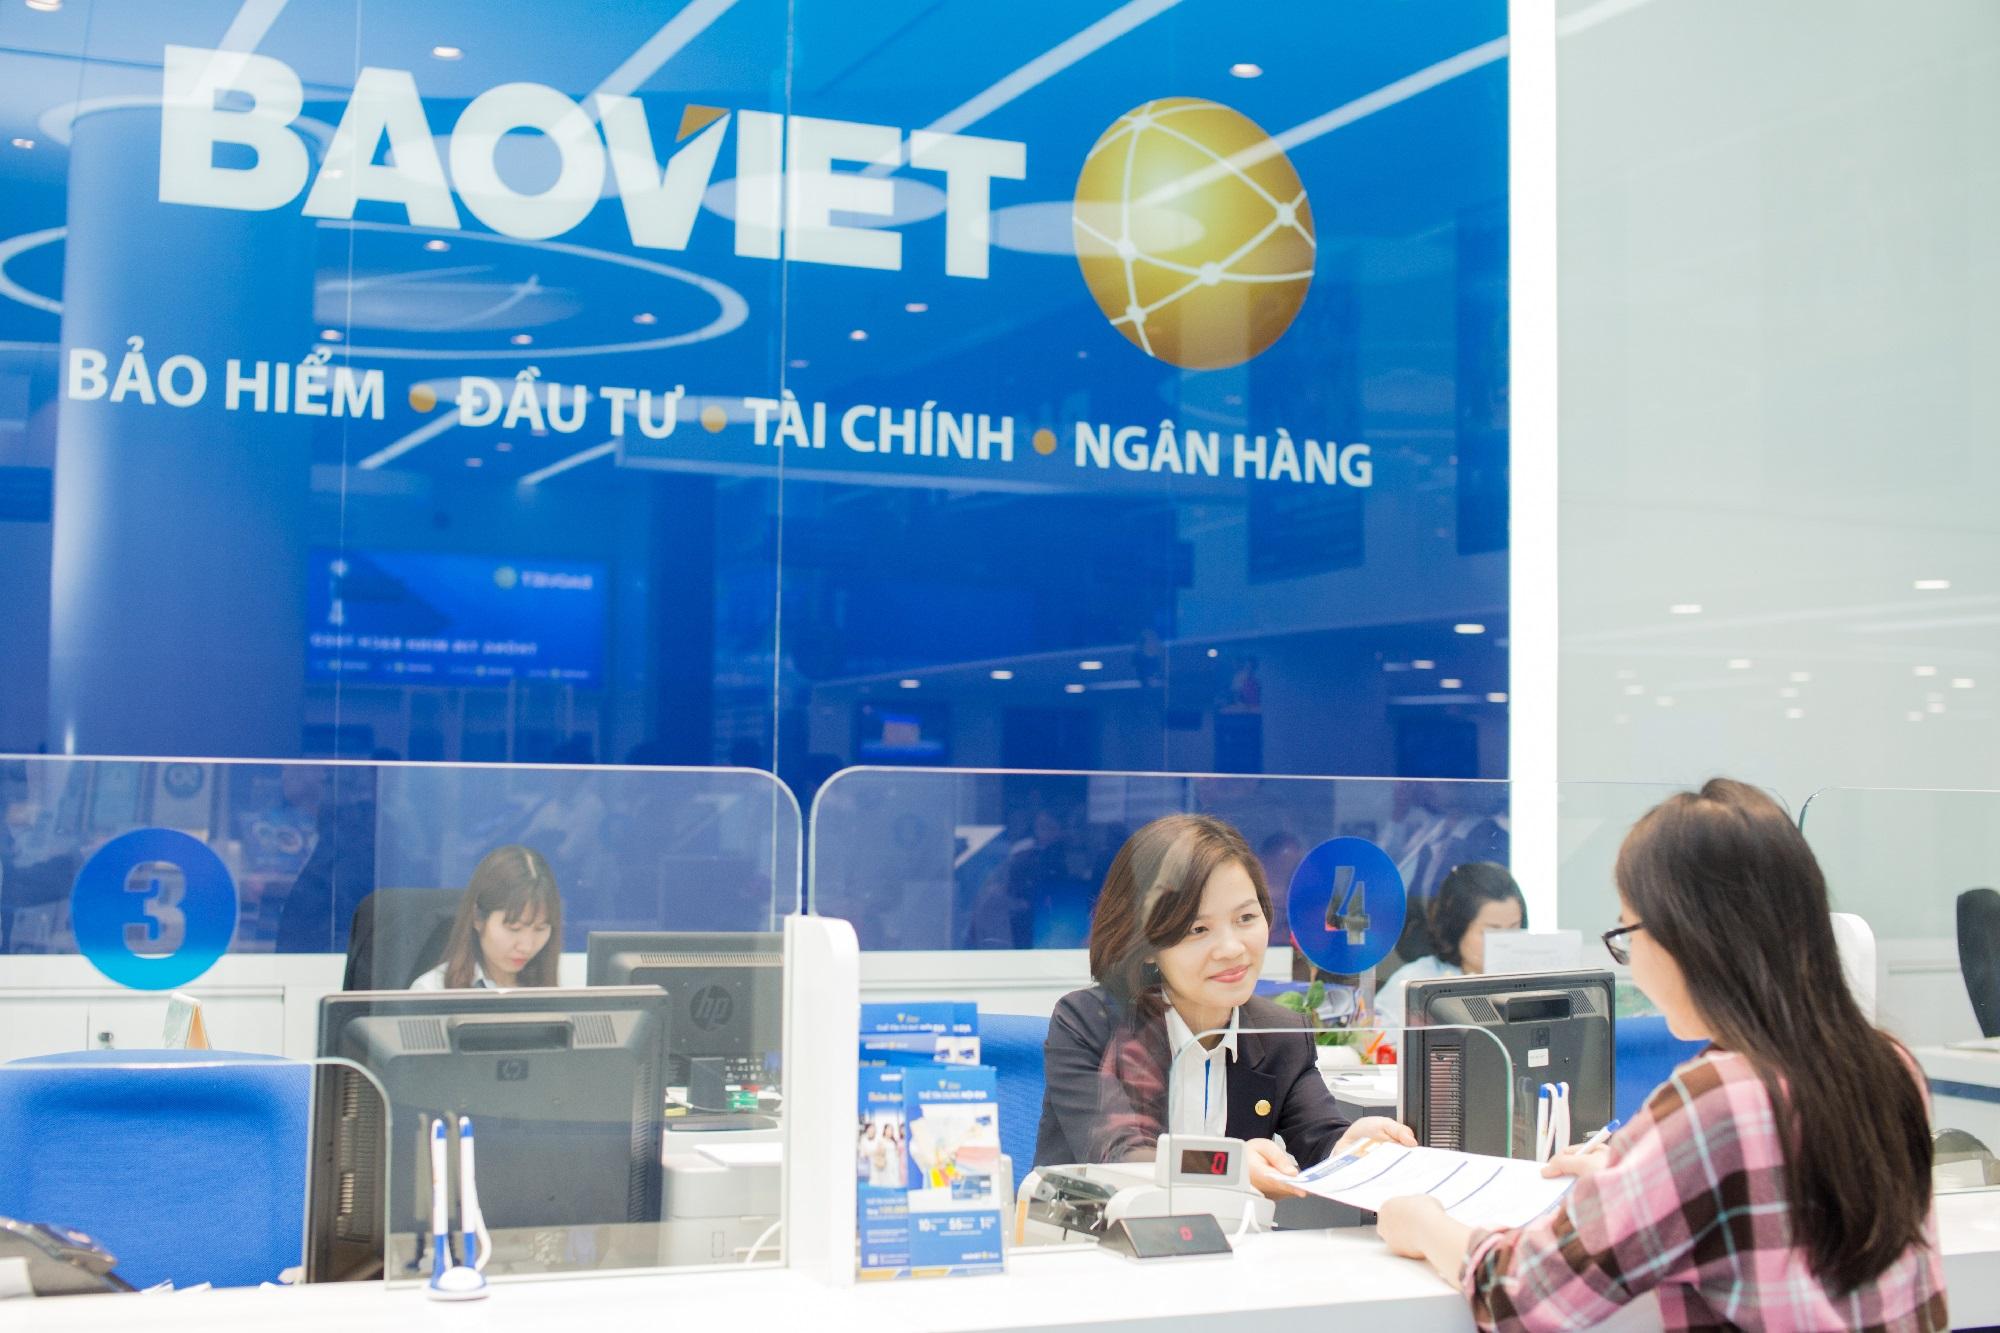 BVH đạt 1,037 tỷ đồng lợi nhuận sau thuế hợp nhất soát xét 9 tháng đầu năm